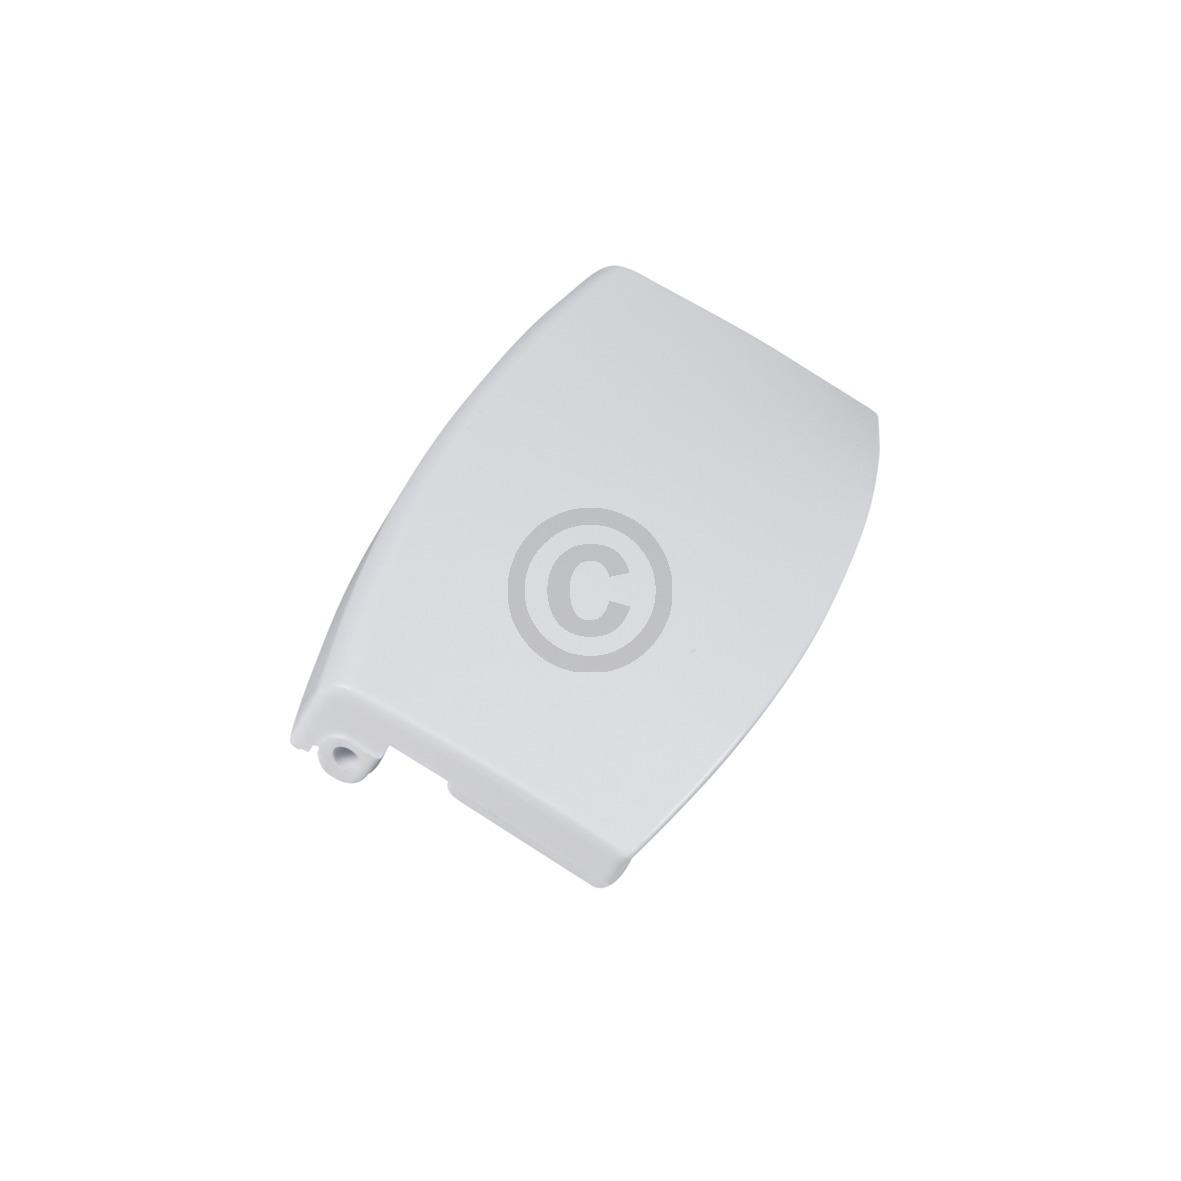 Türgriff weiß AEG 110825400/2 Alternative für Waschmaschine AEG, Electrolux, Jun